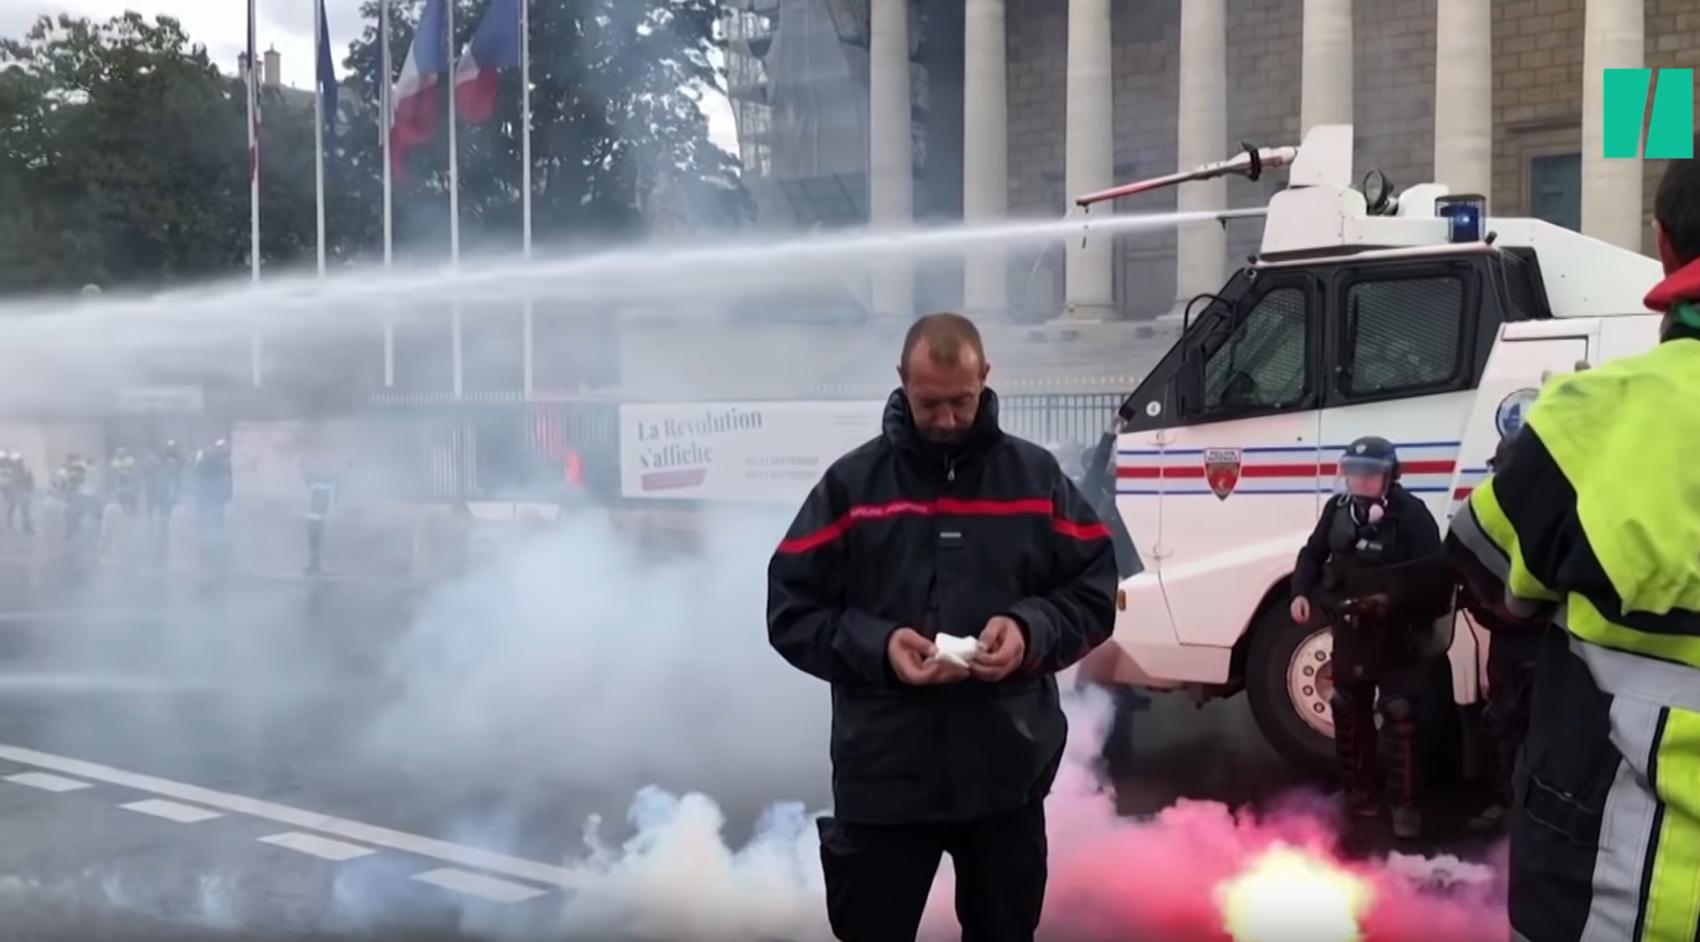 Pompiers : les professionnels de l'urgence à bout de patience (VIDÉO)